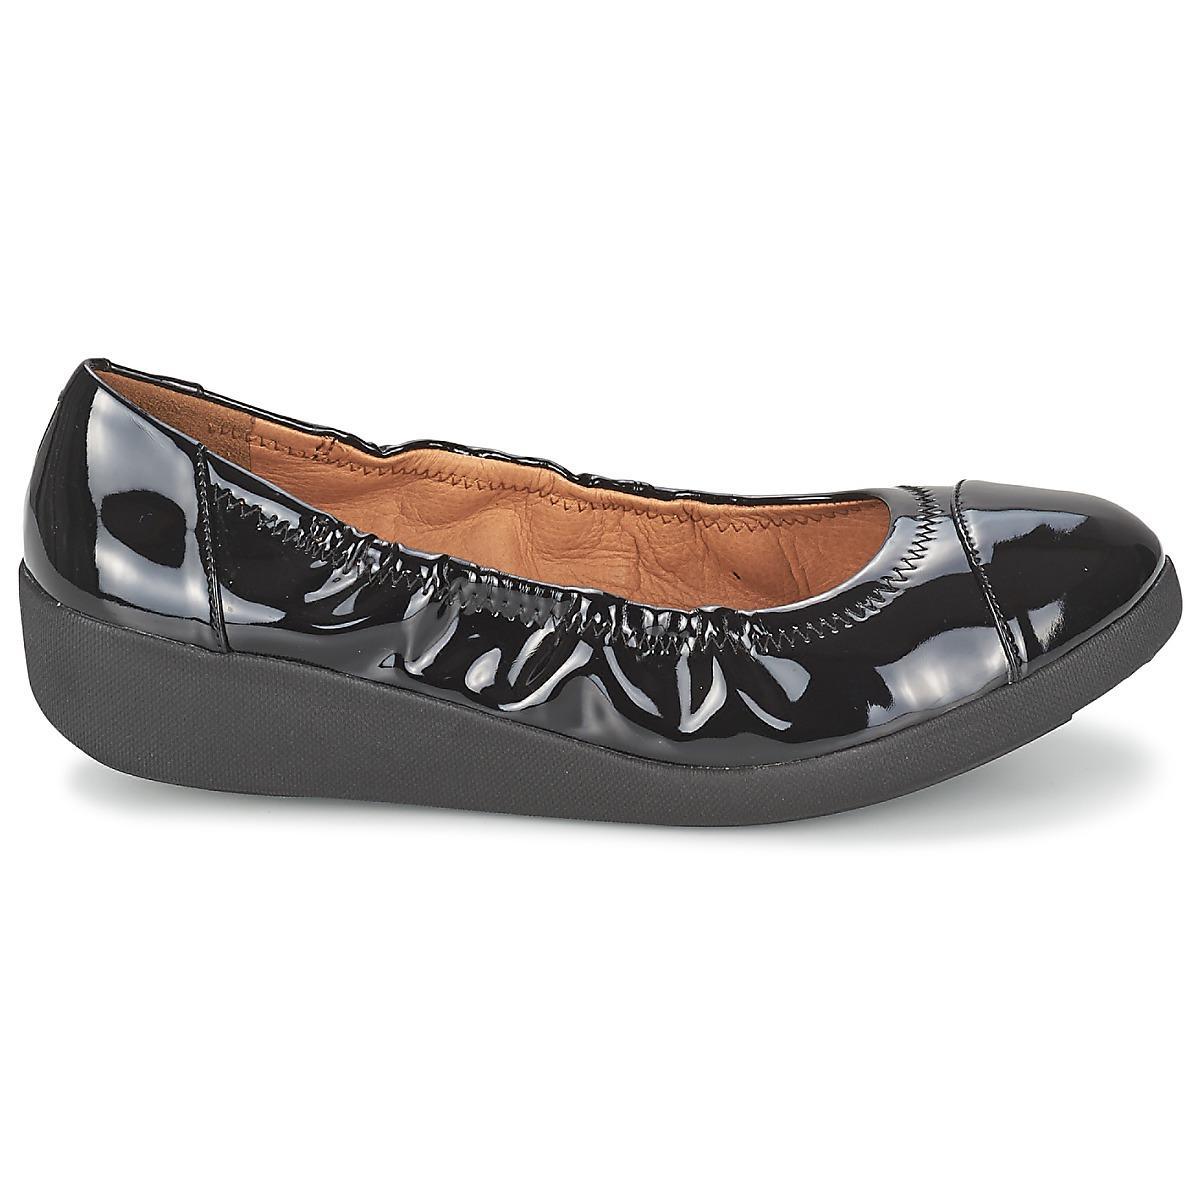 e0c31167fb90 Fitflop - Black F-pop Ballerina Patent Shoes (pumps   Ballerinas) - Lyst.  View fullscreen